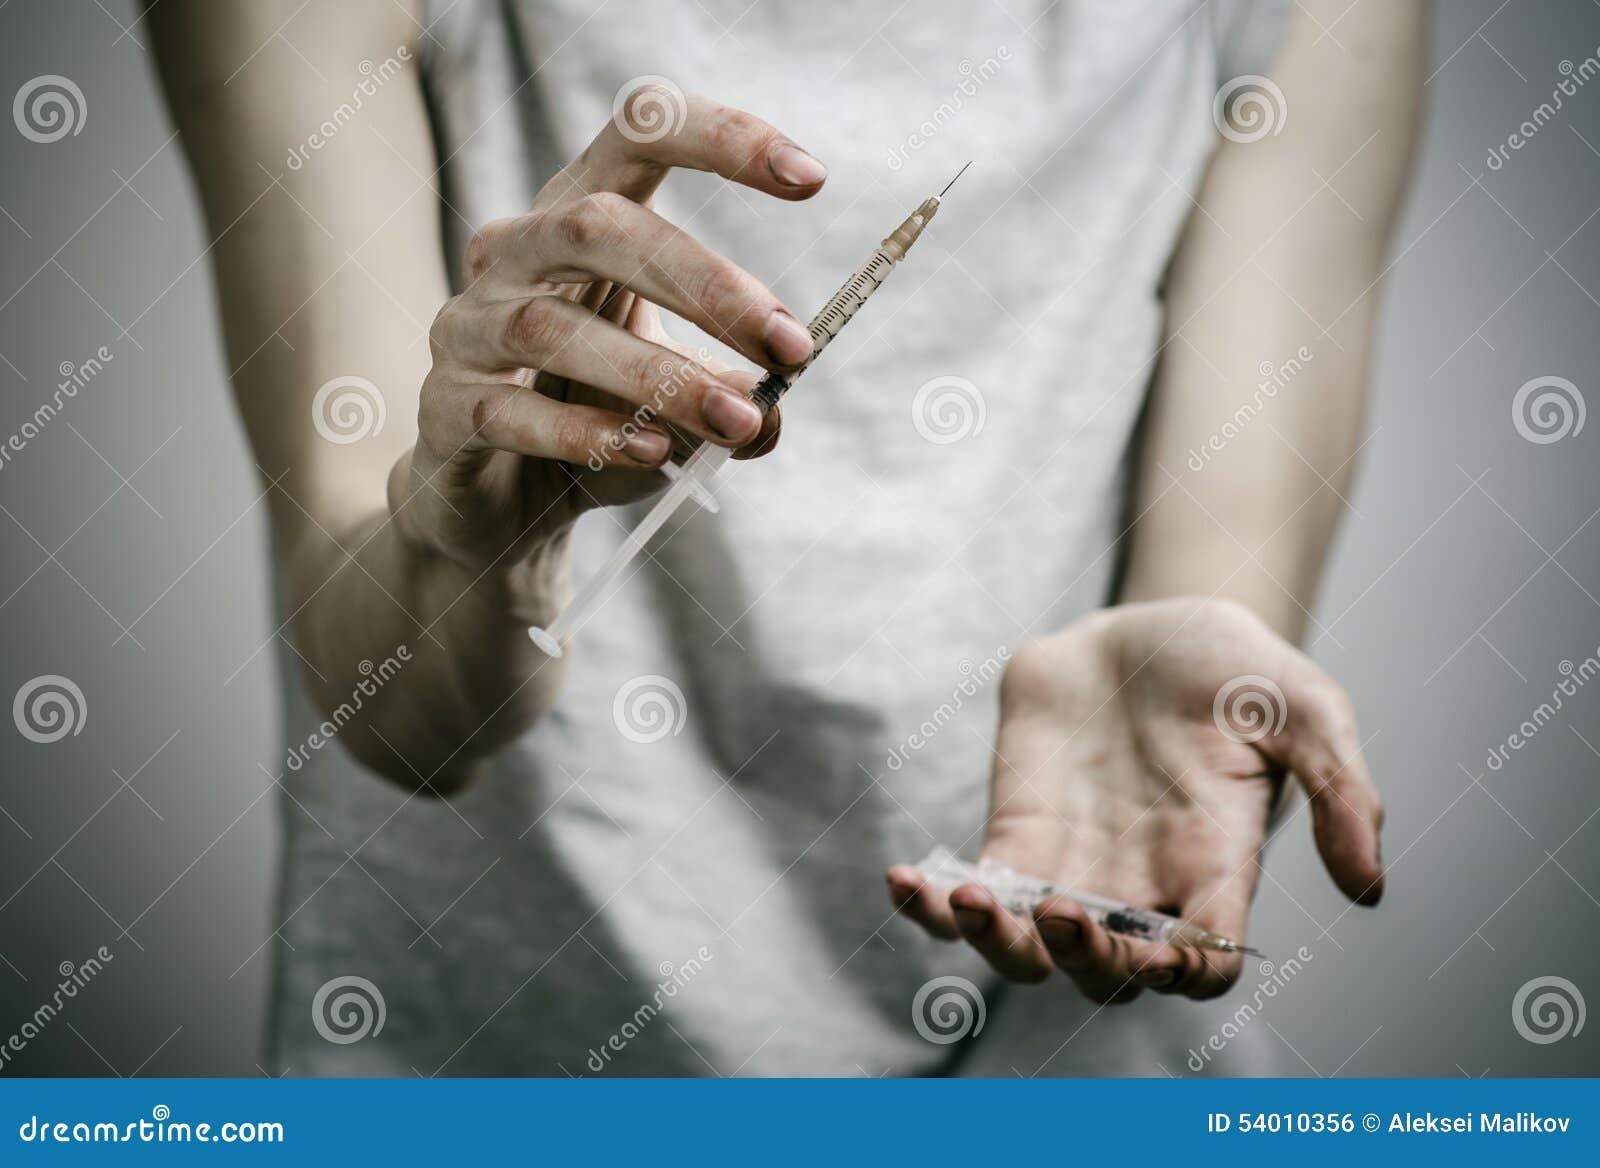 Η καταπολέμηση των ναρκωτικών και του θέματος εθισμού στα ναρκωτικά: μεμβρανοειδής βρώμικος εξαρτημένος που κρατά μια σύριγγα με